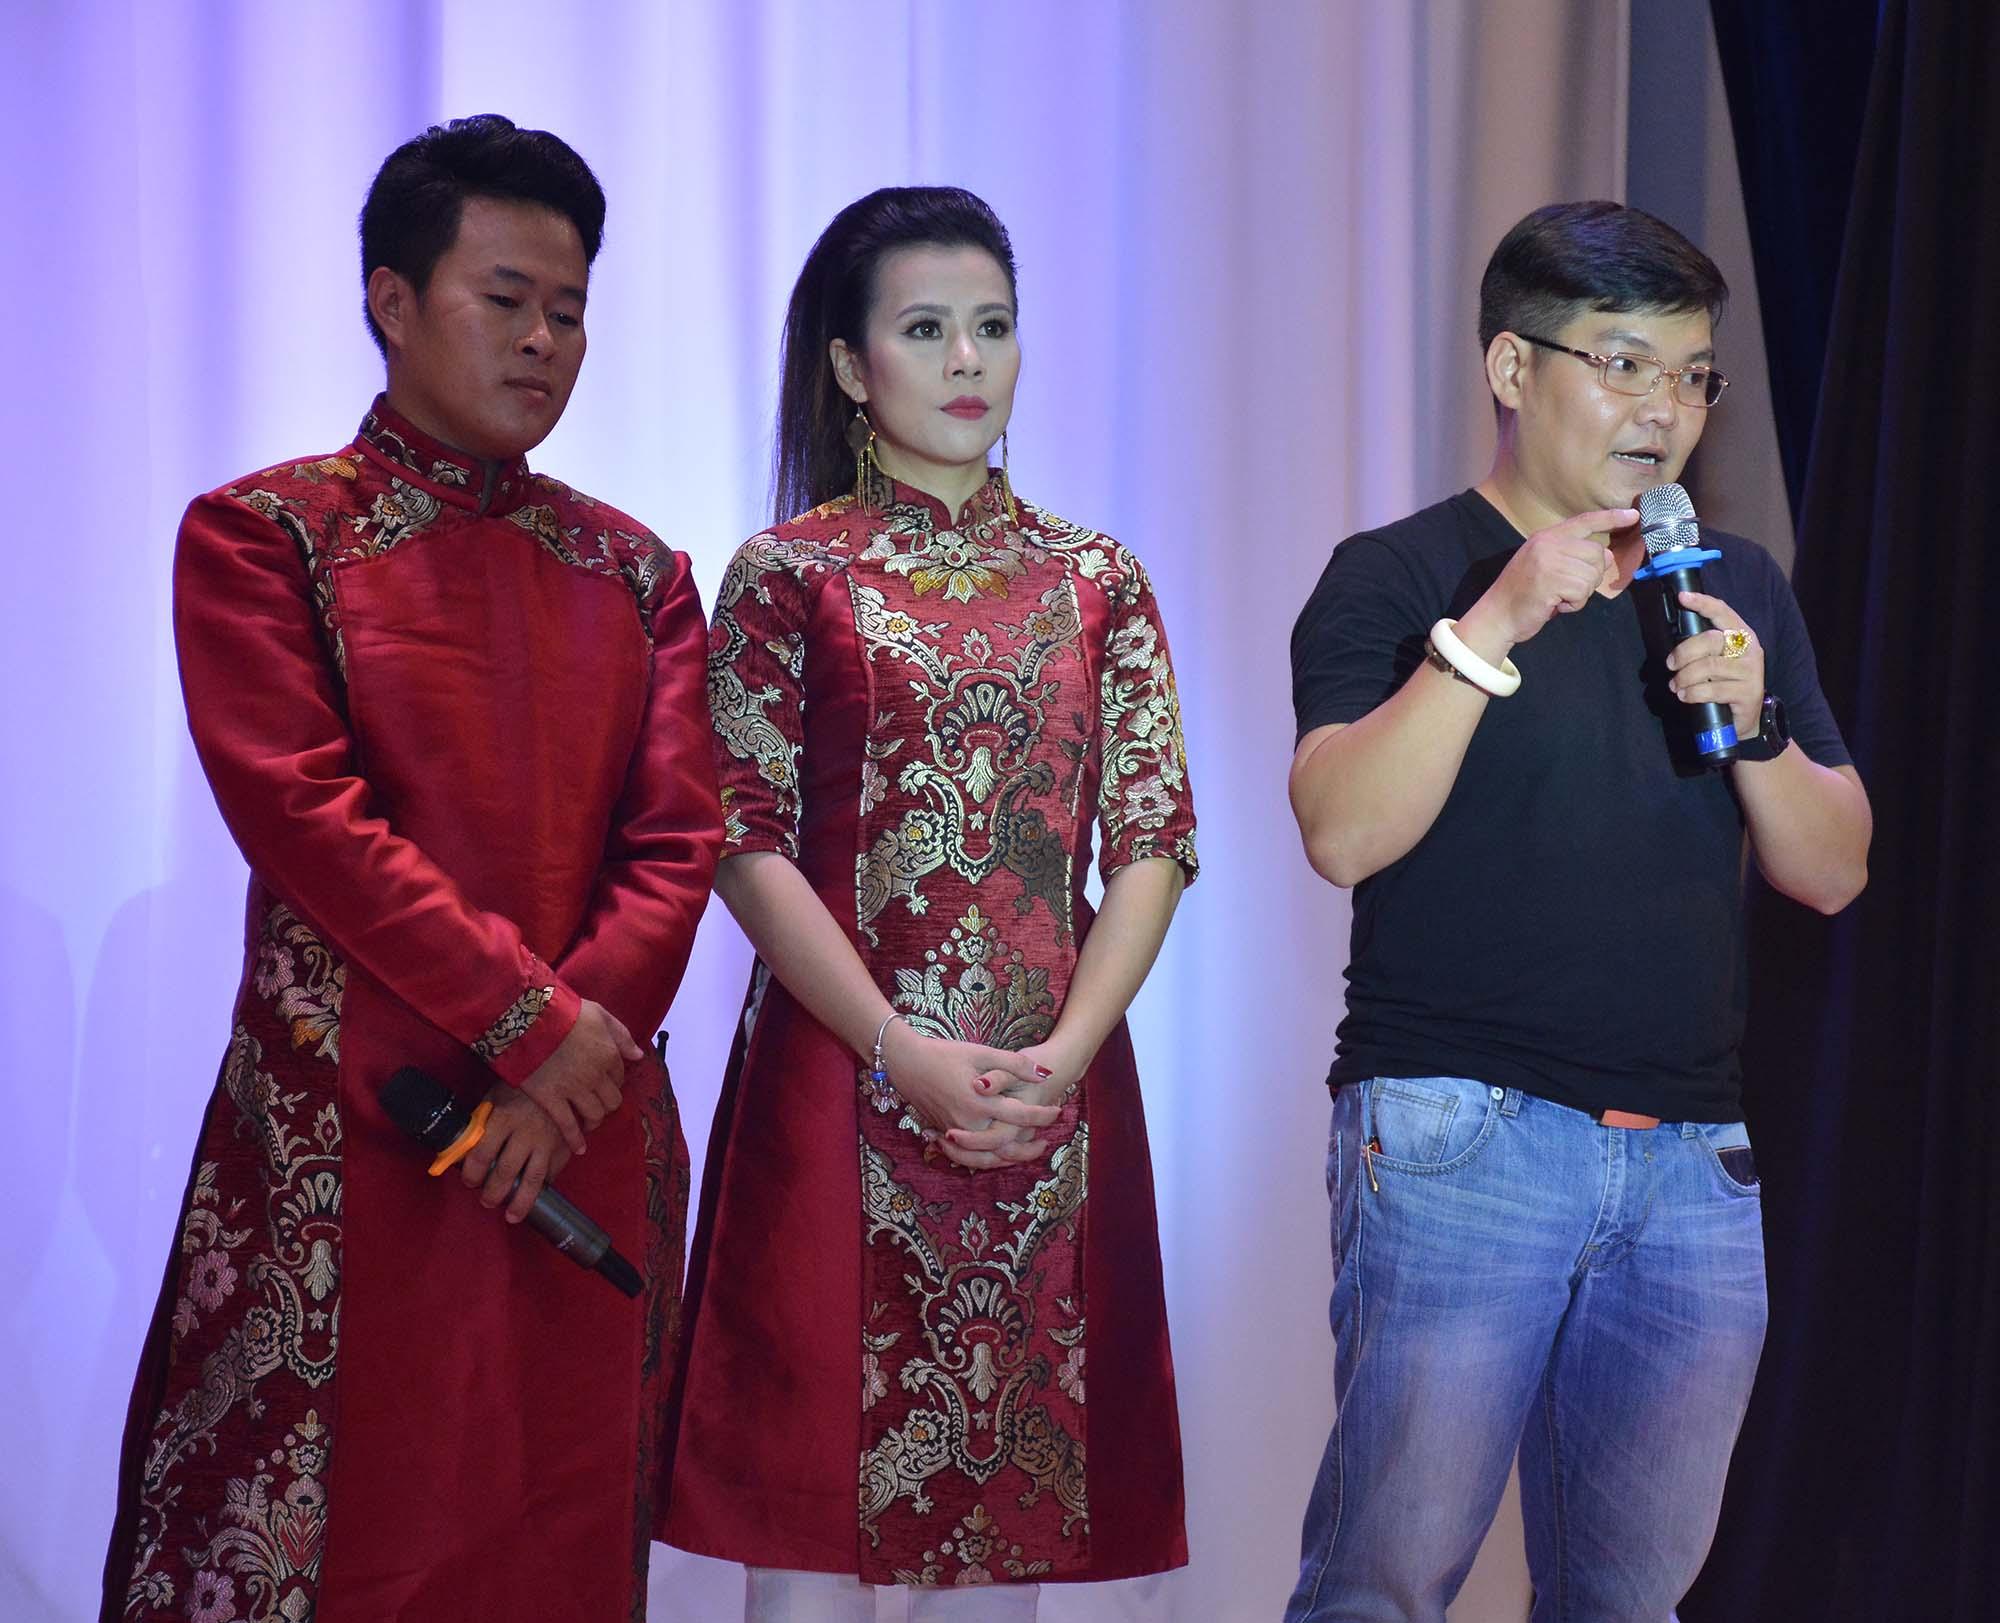 Vợ chồng Hoàng Mèo chơi gameshow lấy tiền mở sân khấu kịch - 2